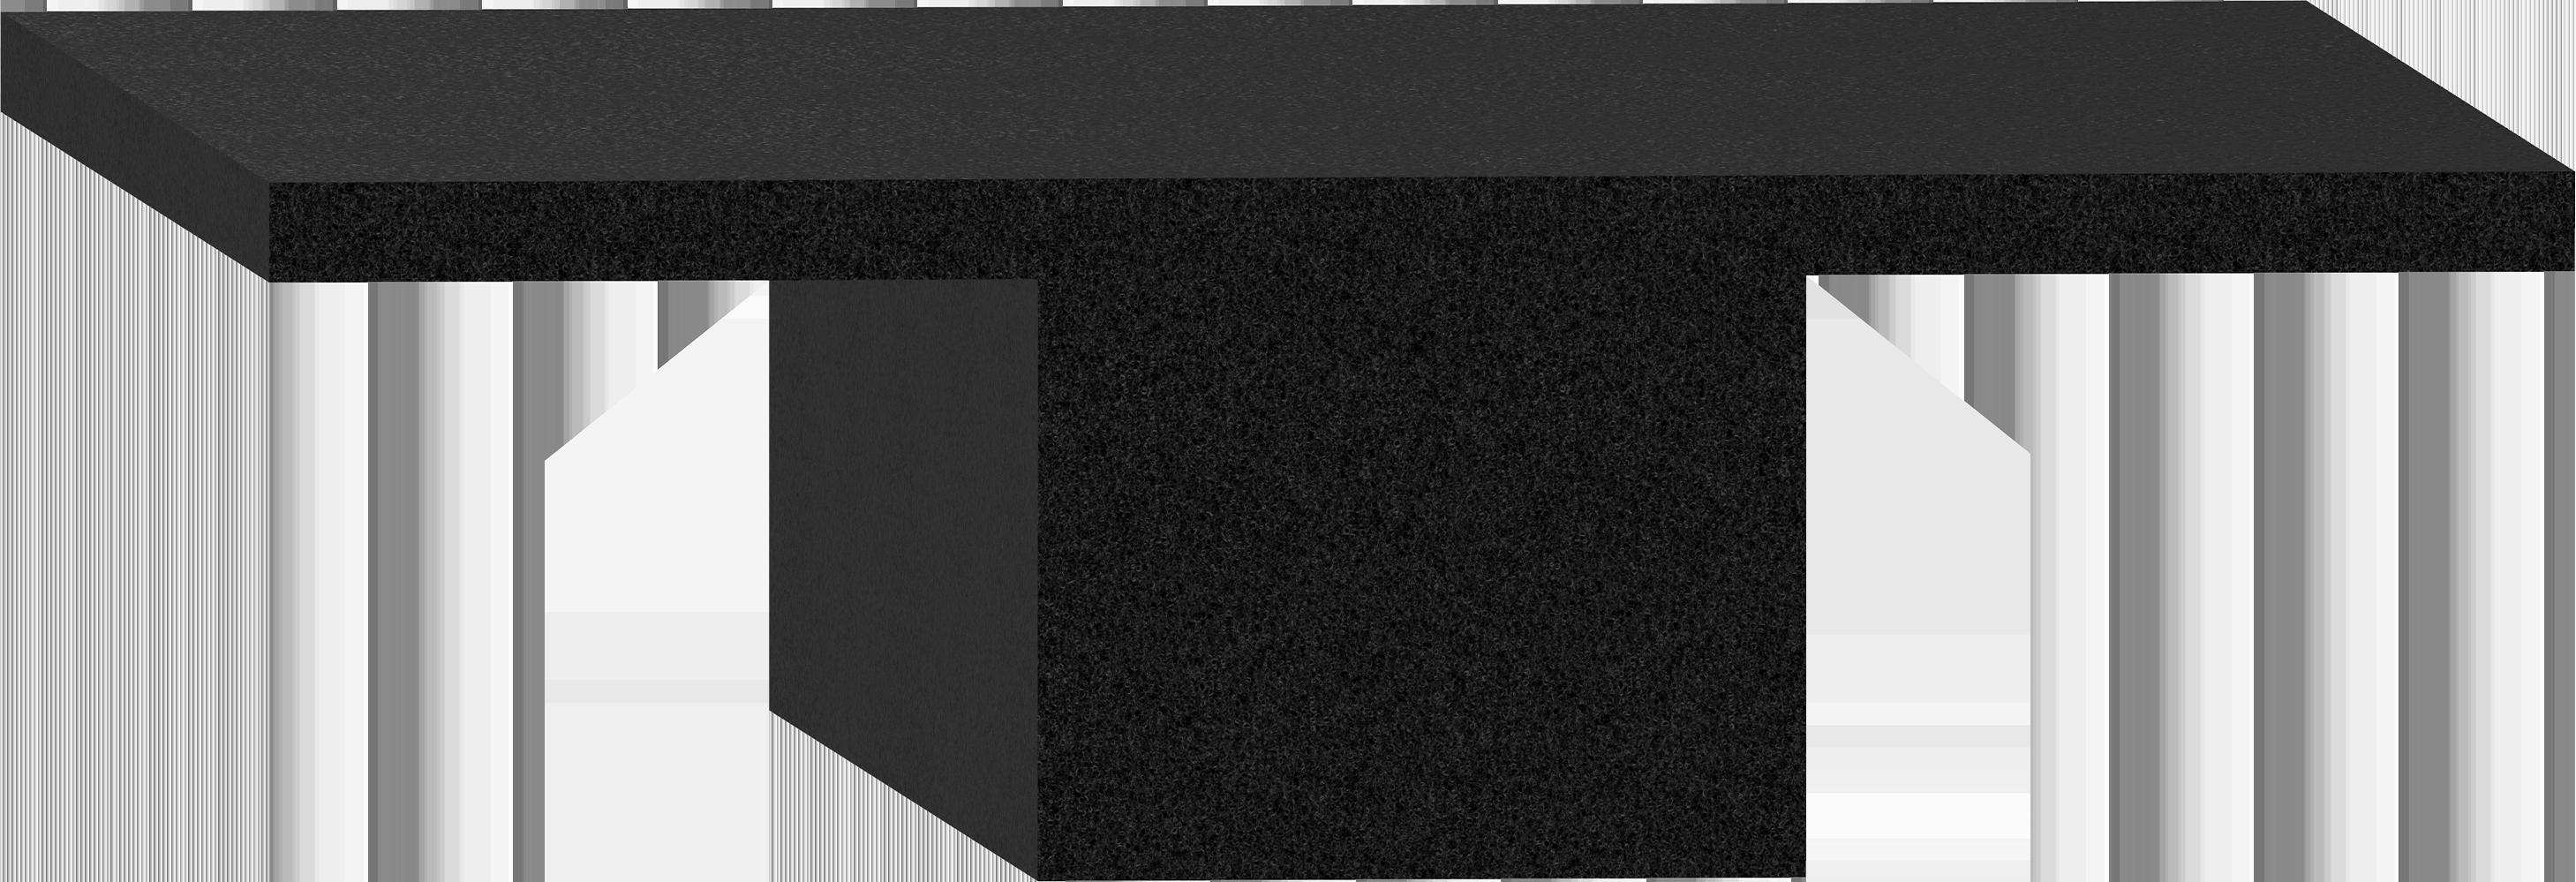 Uni-Grip part: RE-026